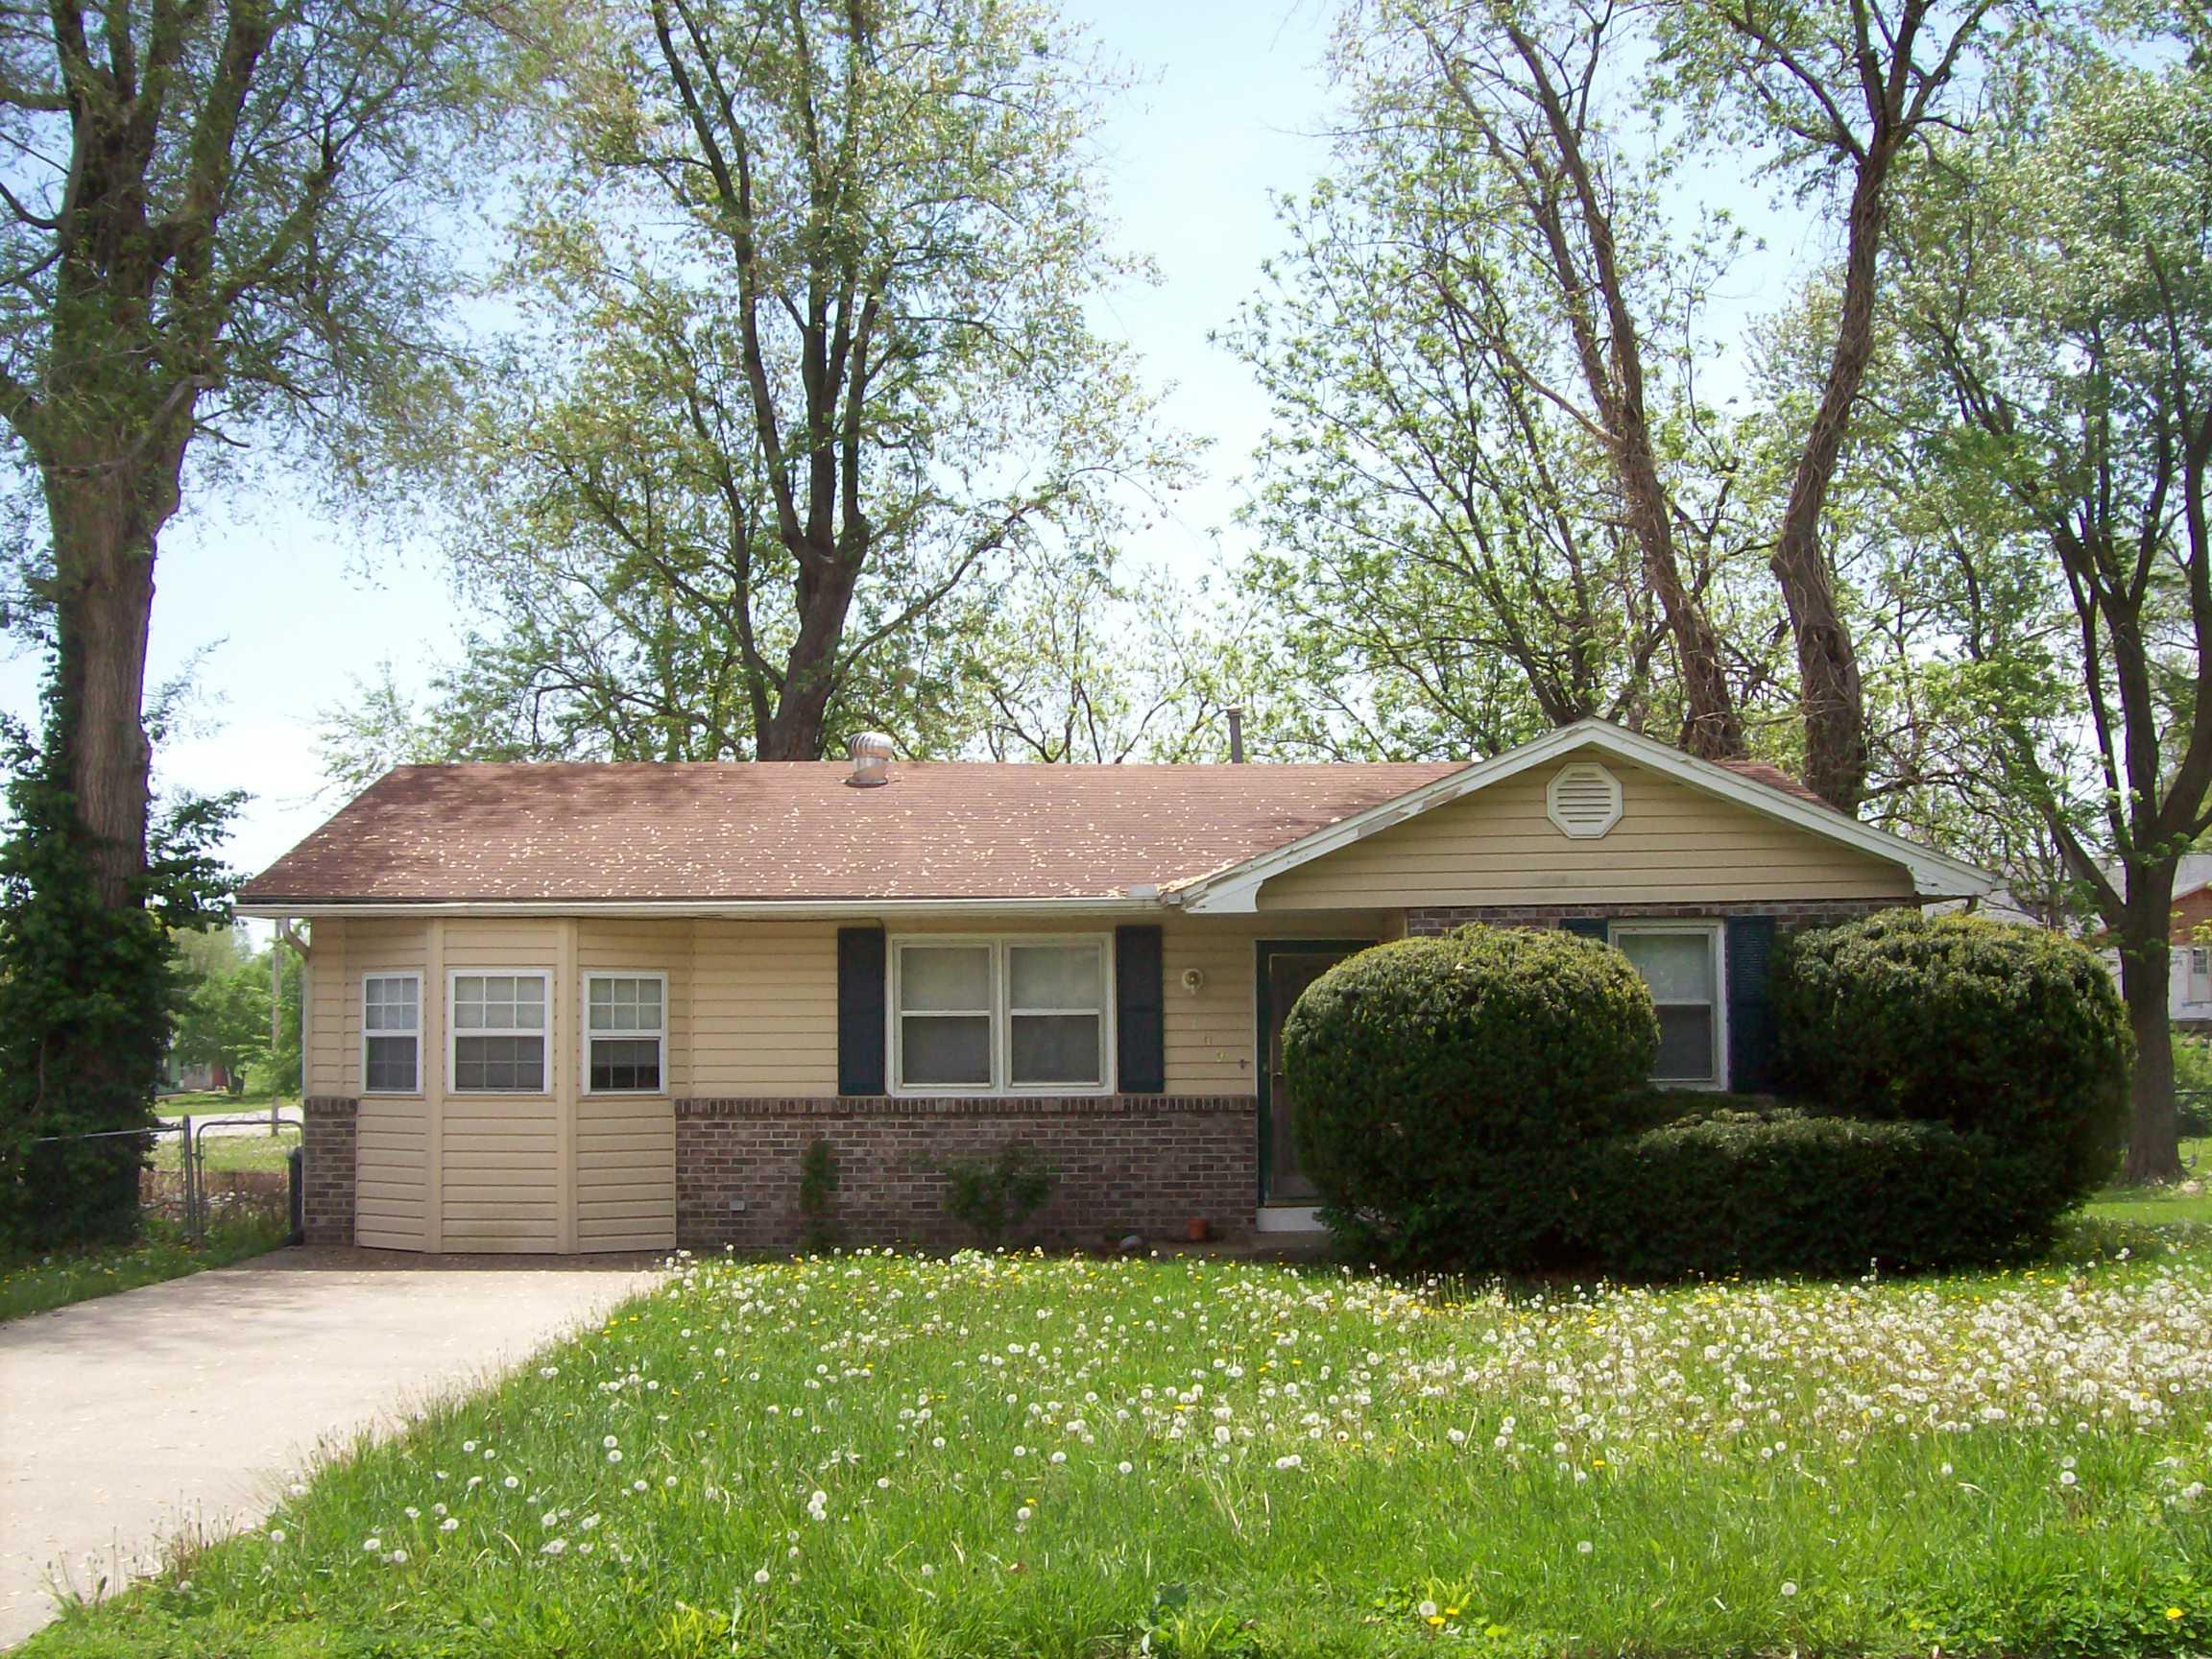 109 E Clay, Smithton, Missouri 65350